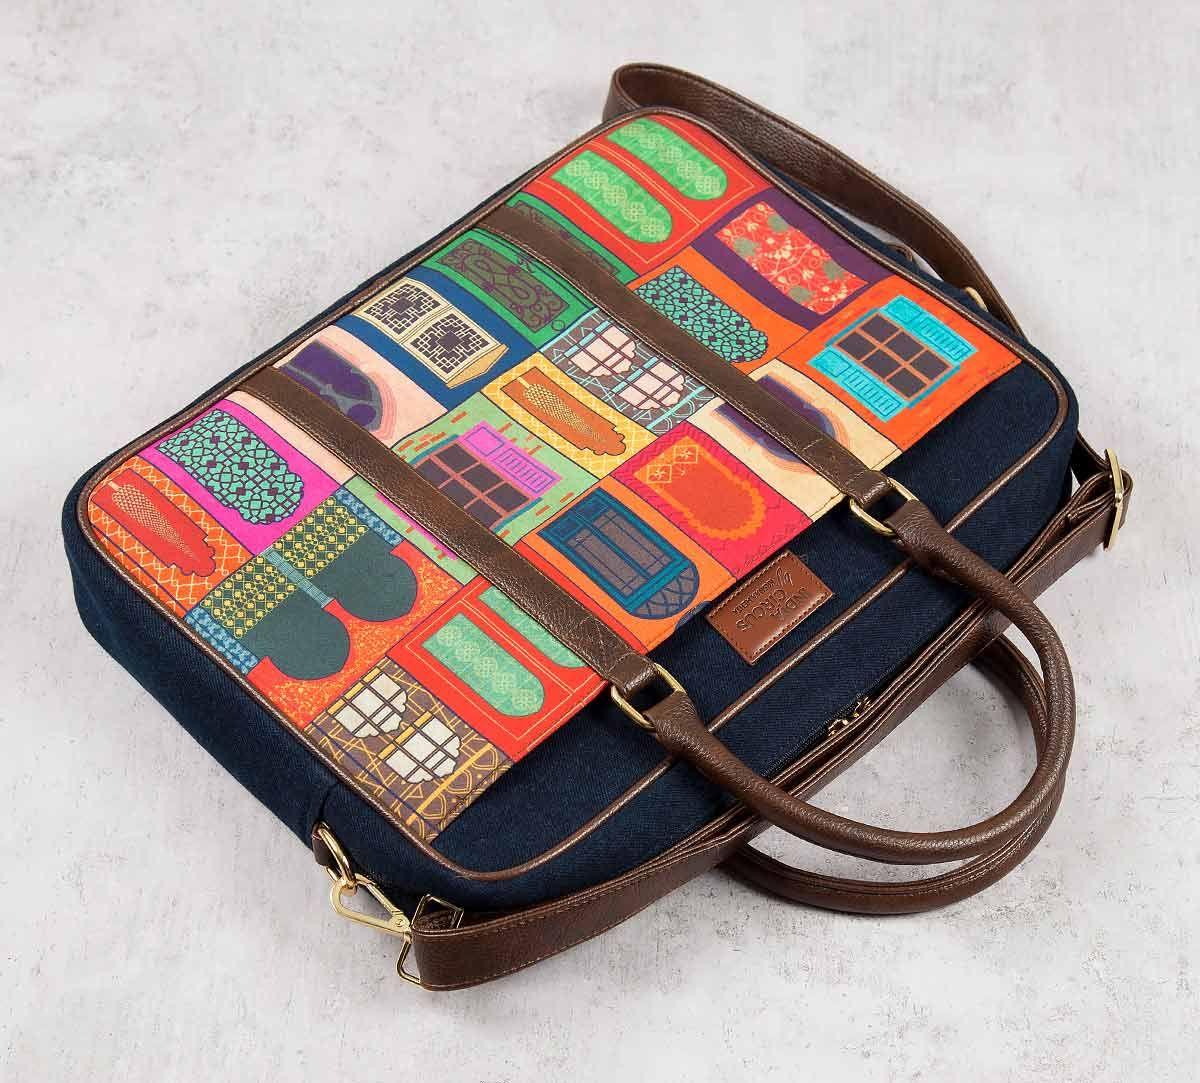 India Circus Mughal Doors Reiteration Laptop Bag